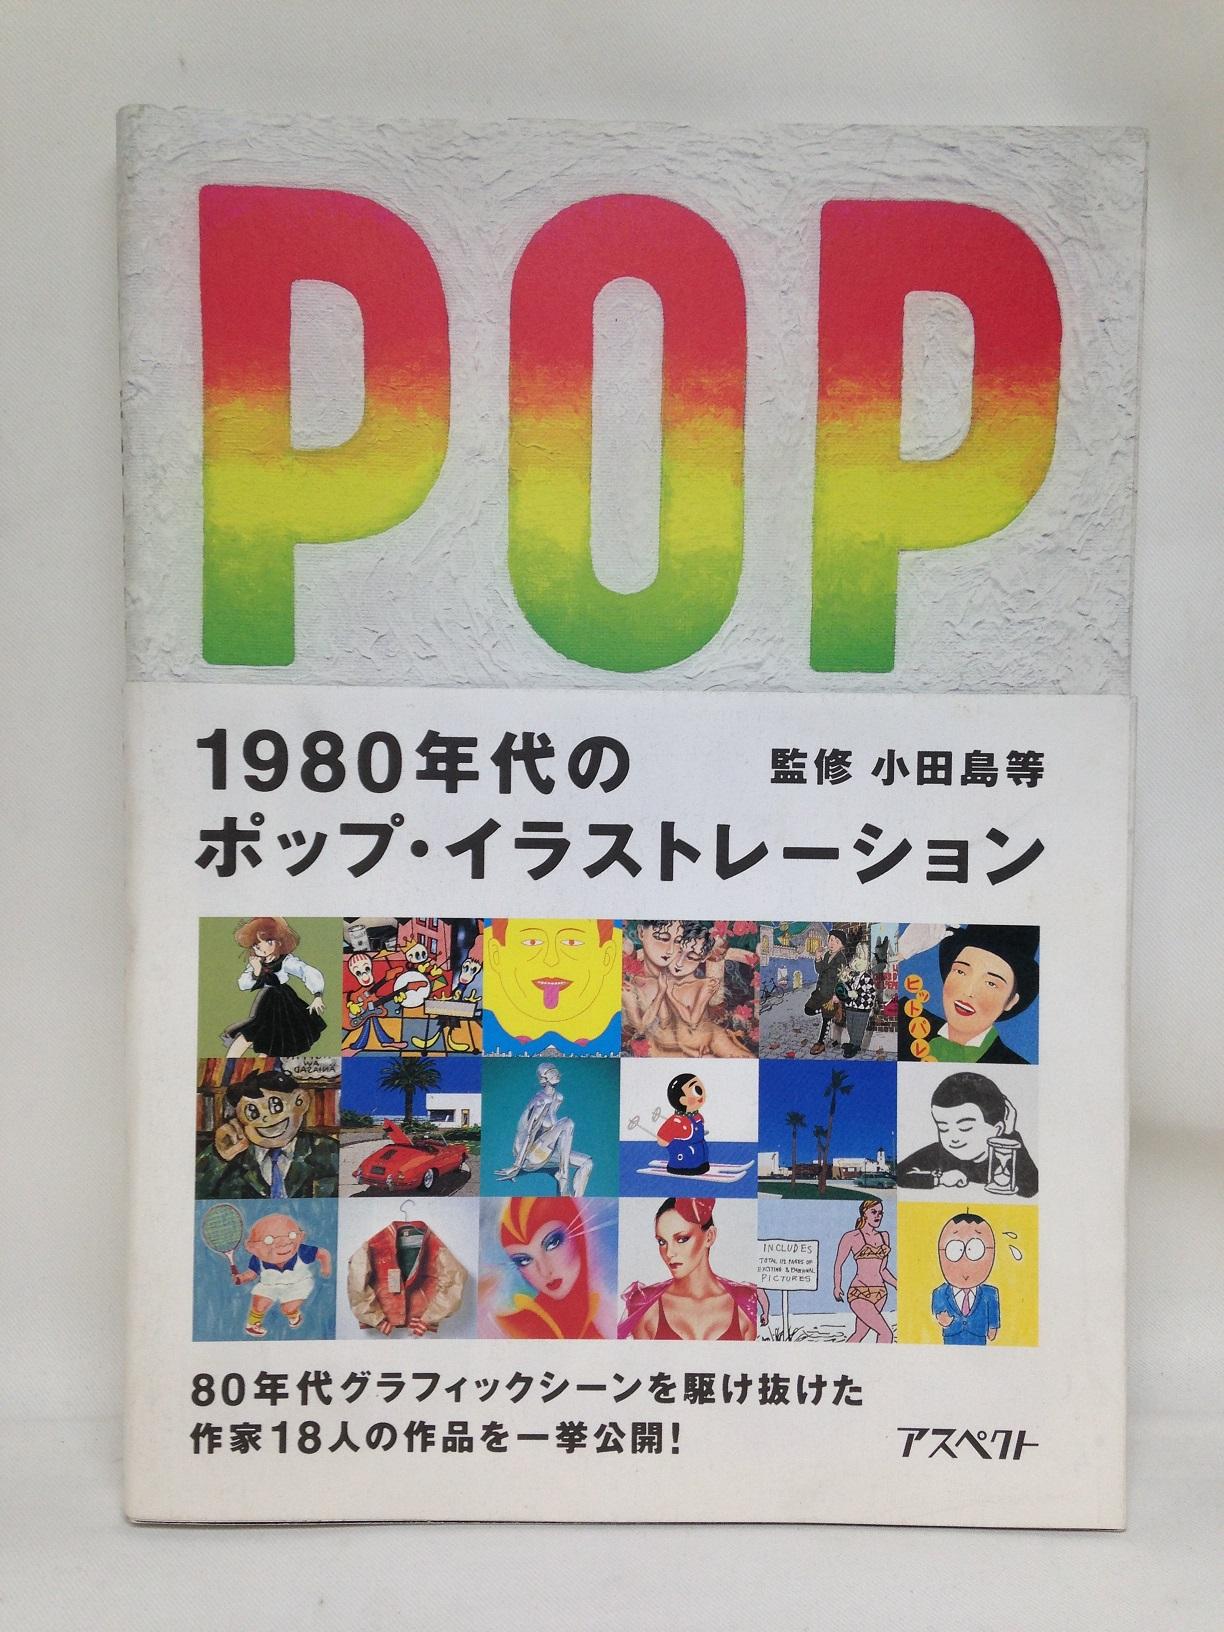 【新古本】1980年代のポップ・イラストレーション画像